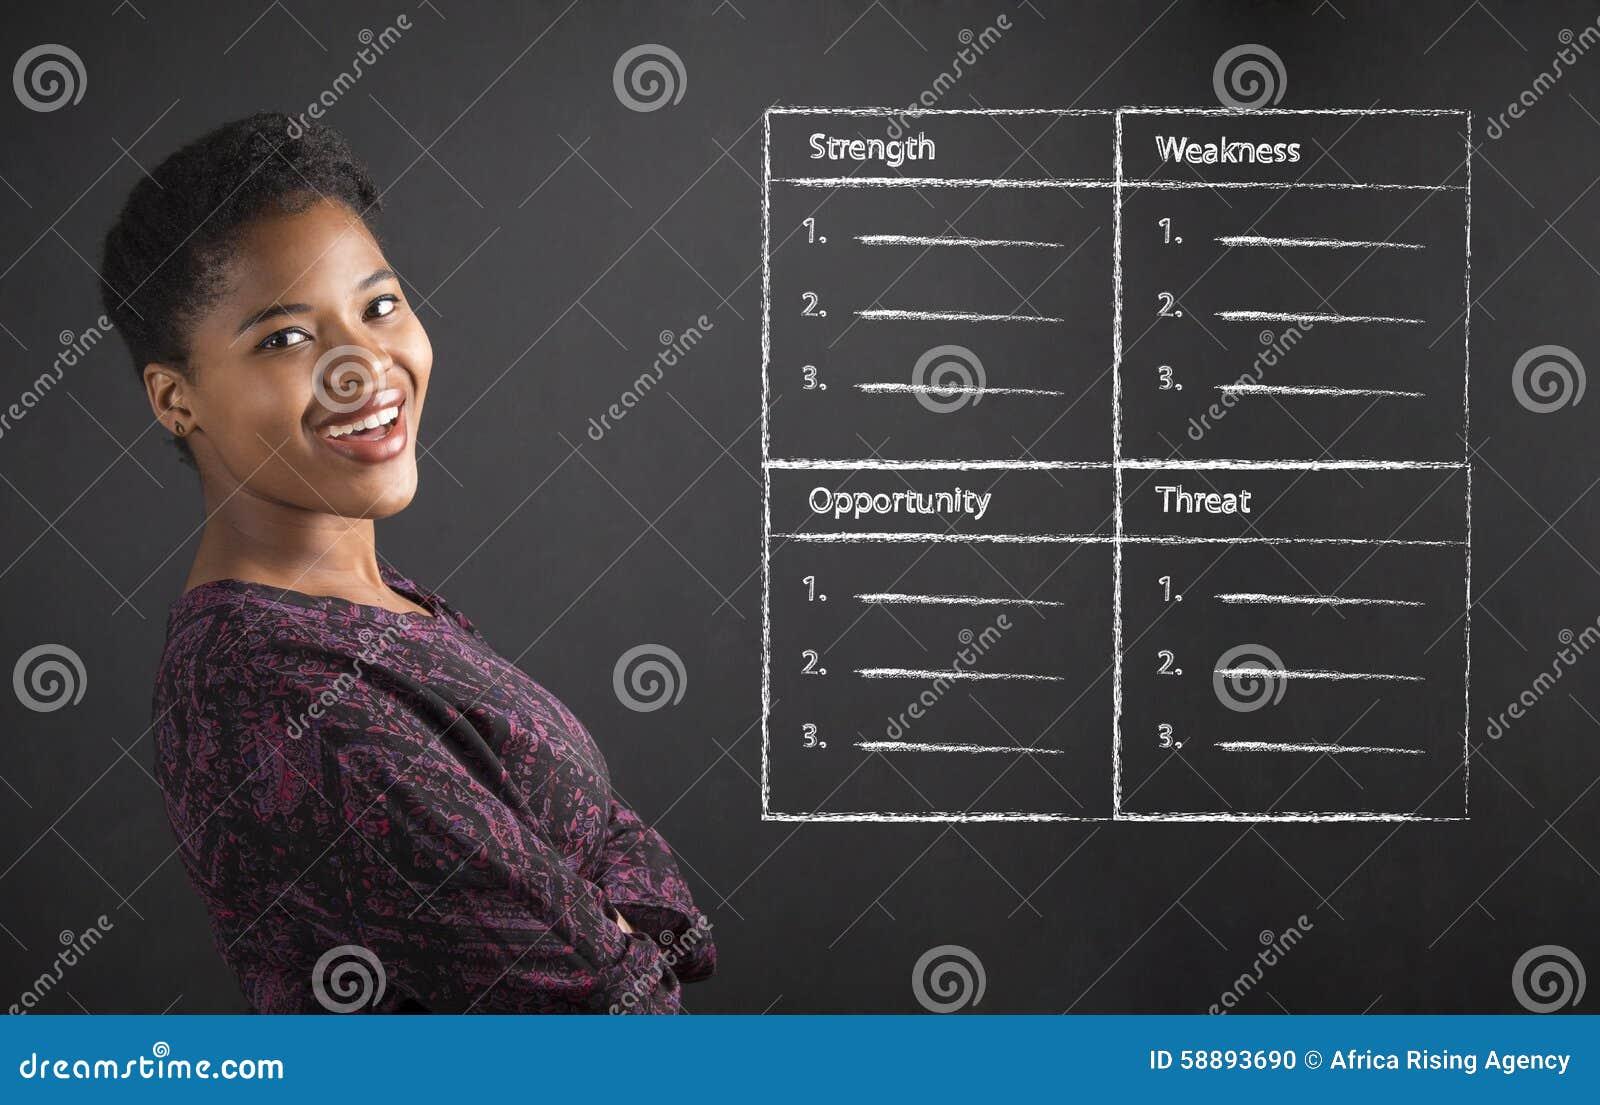 Afroamerikanerlehrerin oder -student mit den Armen gefaltet und Analyse DER SCHWEREN ARBEIT auf schwarzem Brett